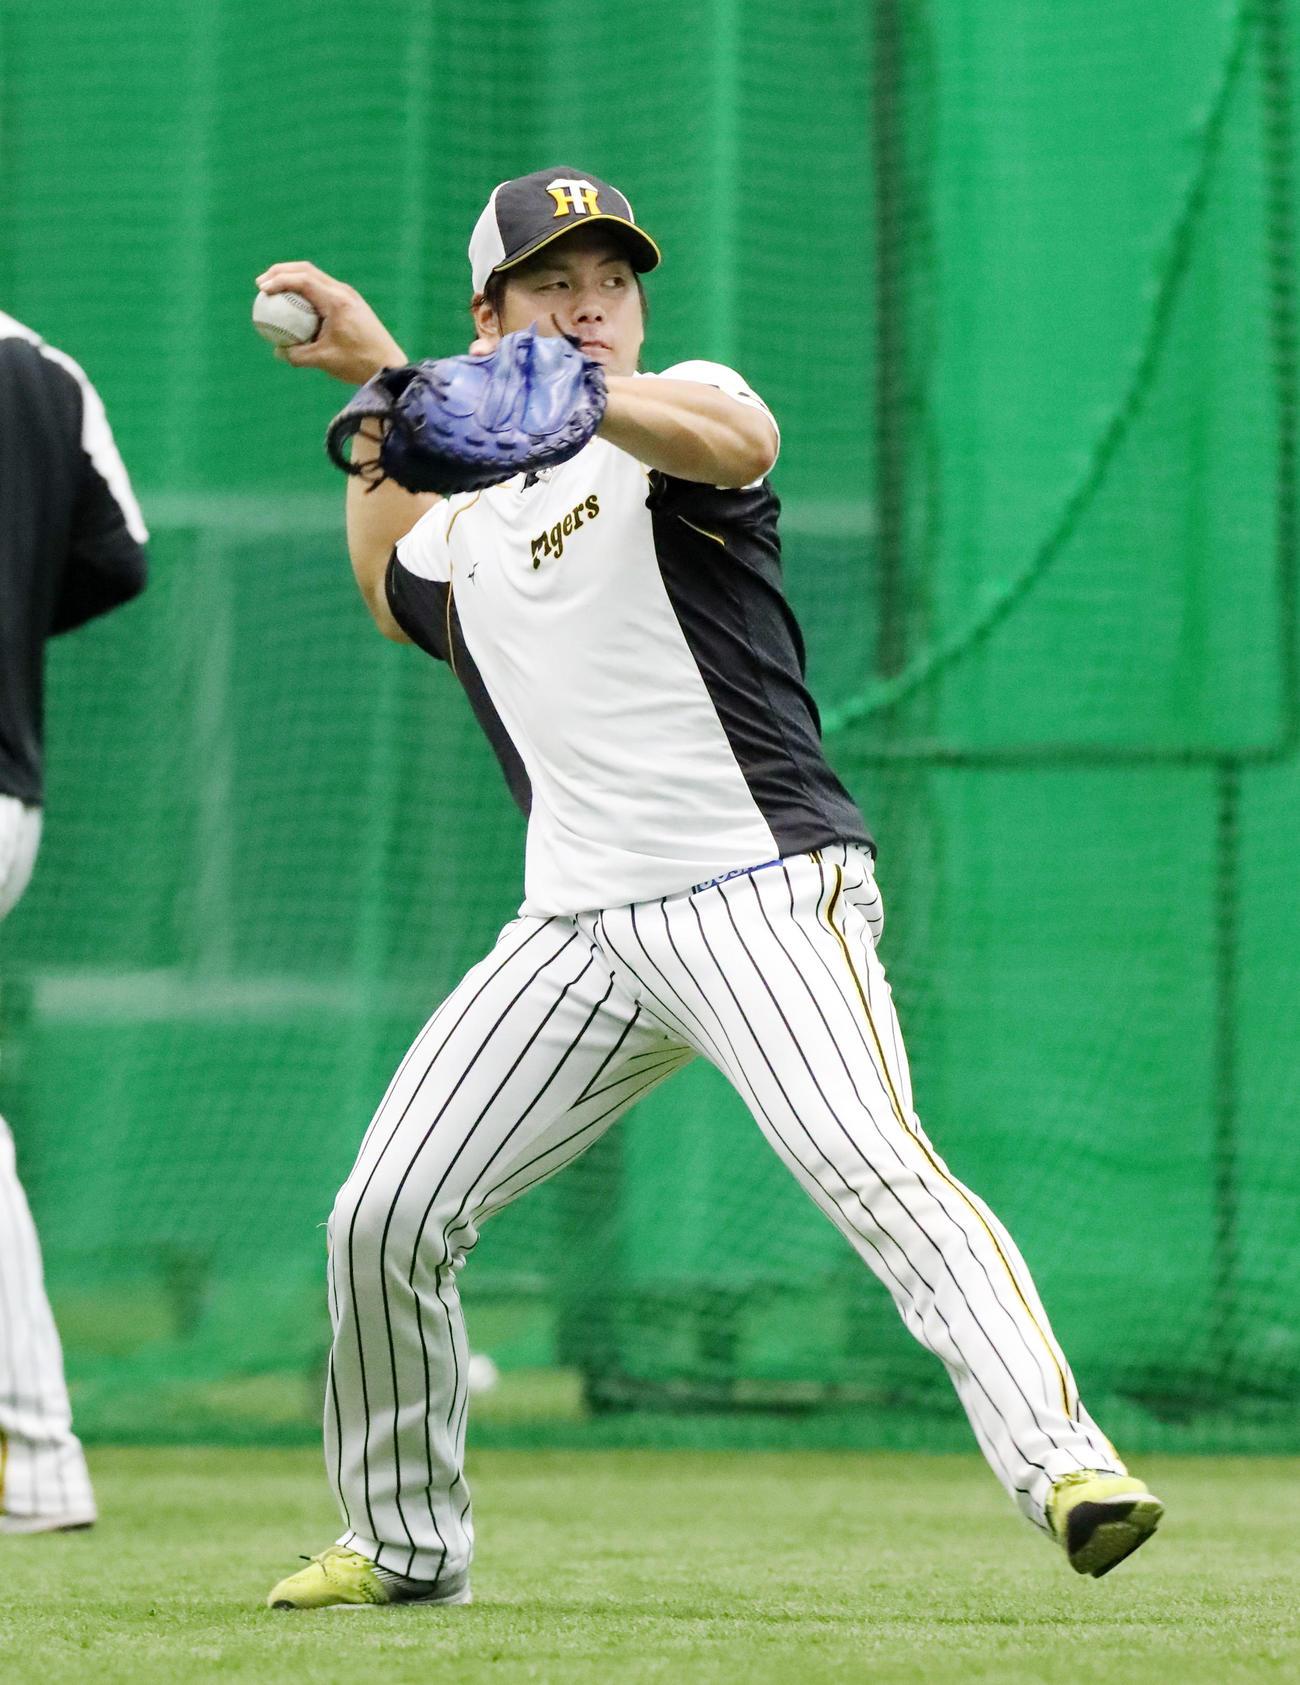 ノックを受ける梅野隆太郎はボールをスローイングする(撮影・加藤哉)